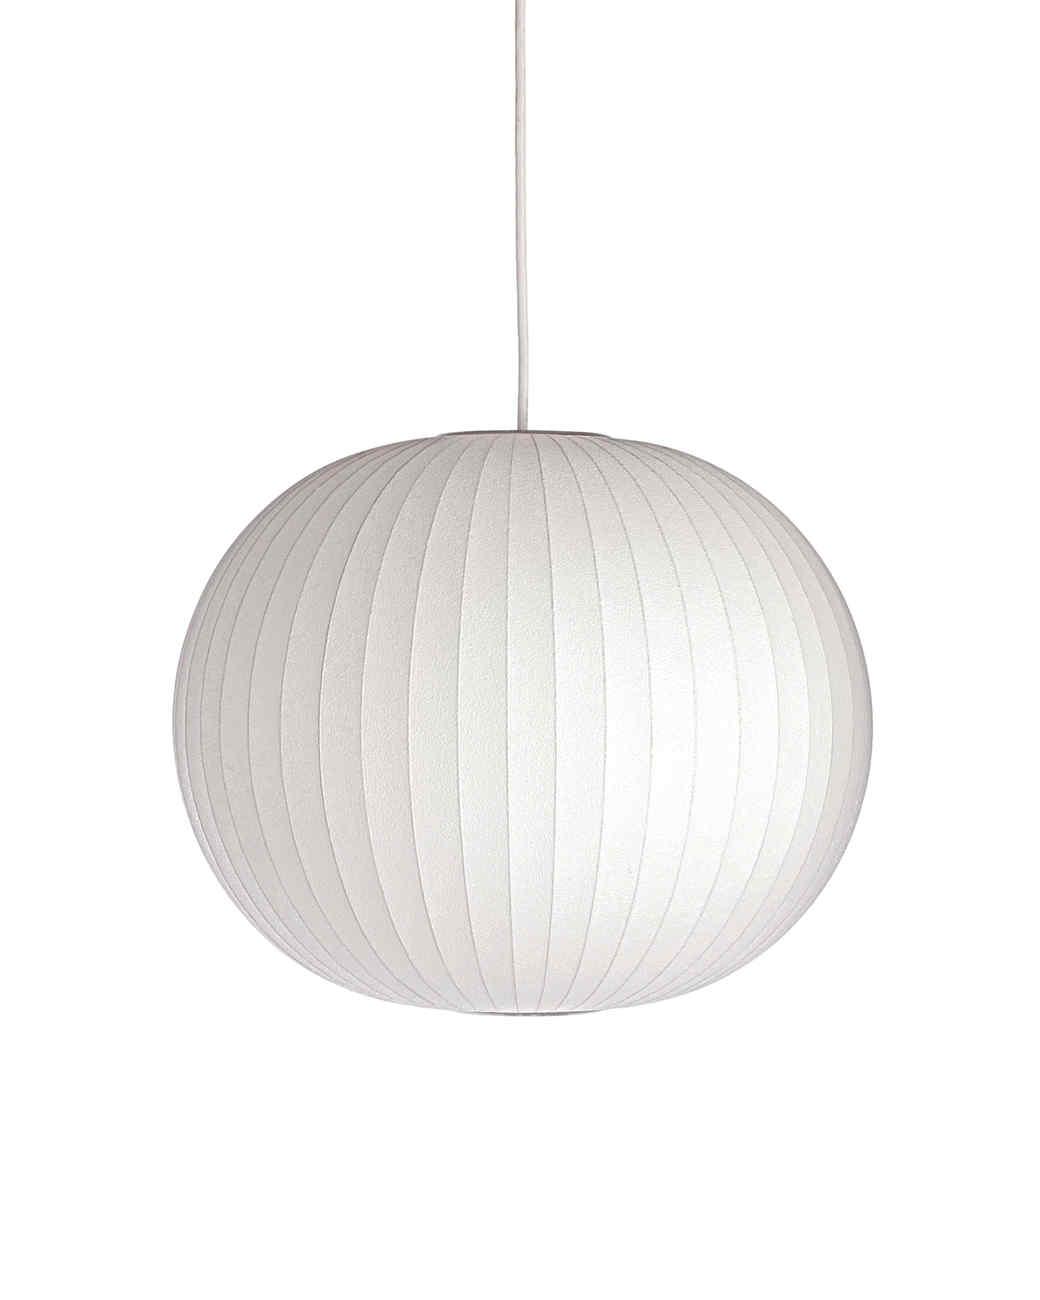 kitchens-hanging-lamp-ms108139.jpg